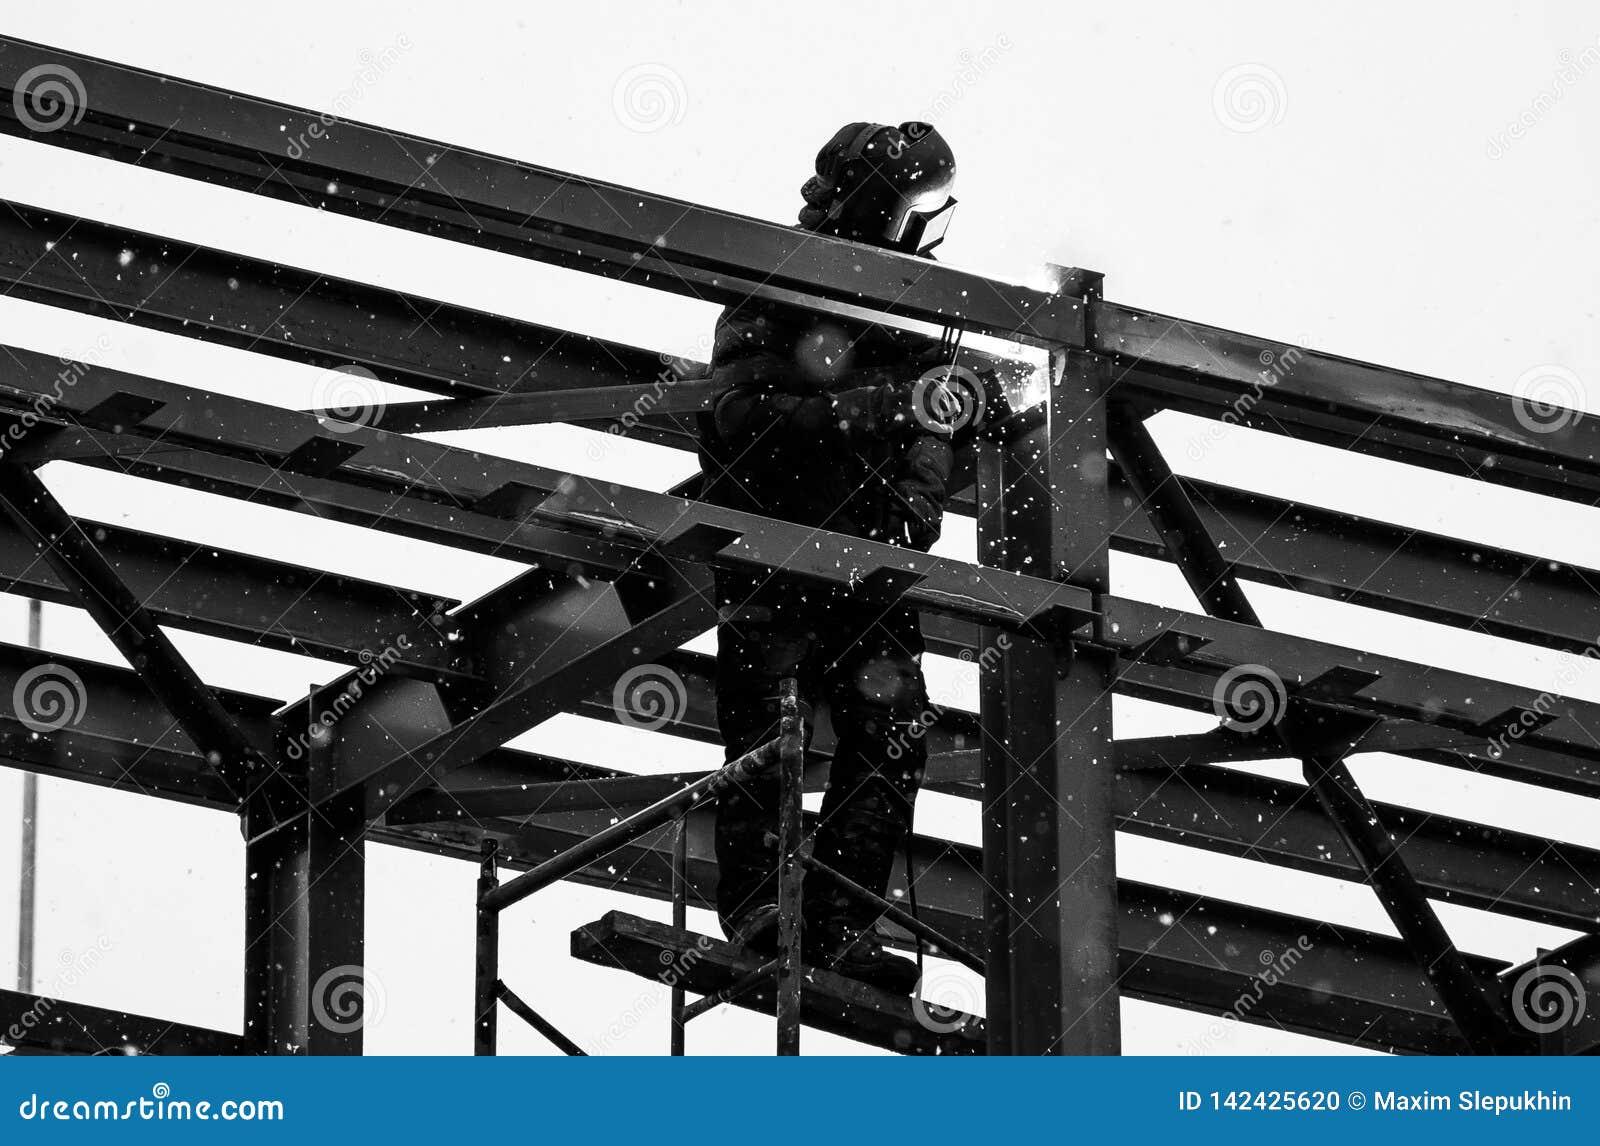 De Bouwer werkt bij sunsetblack en witte foto van een gemaskeerde lasser die bij hoogte werken